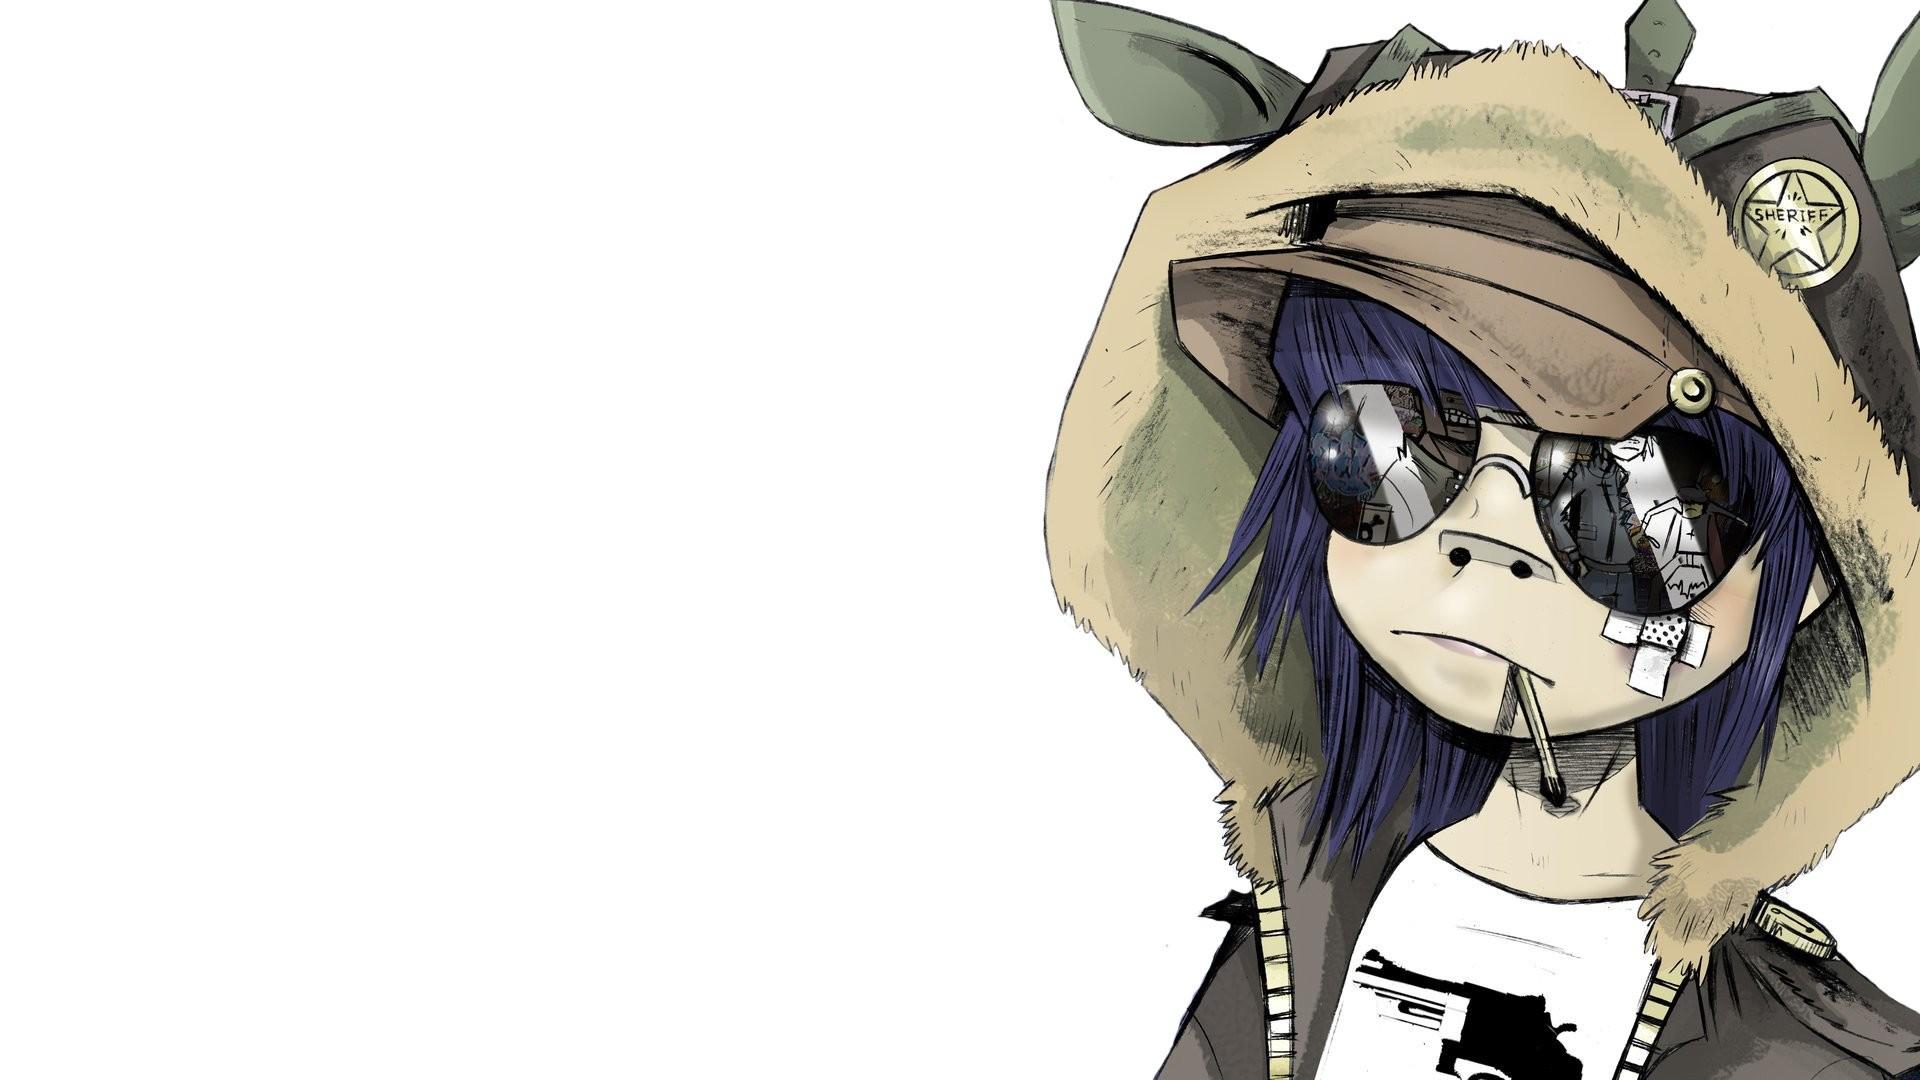 Gorillaz Background 1